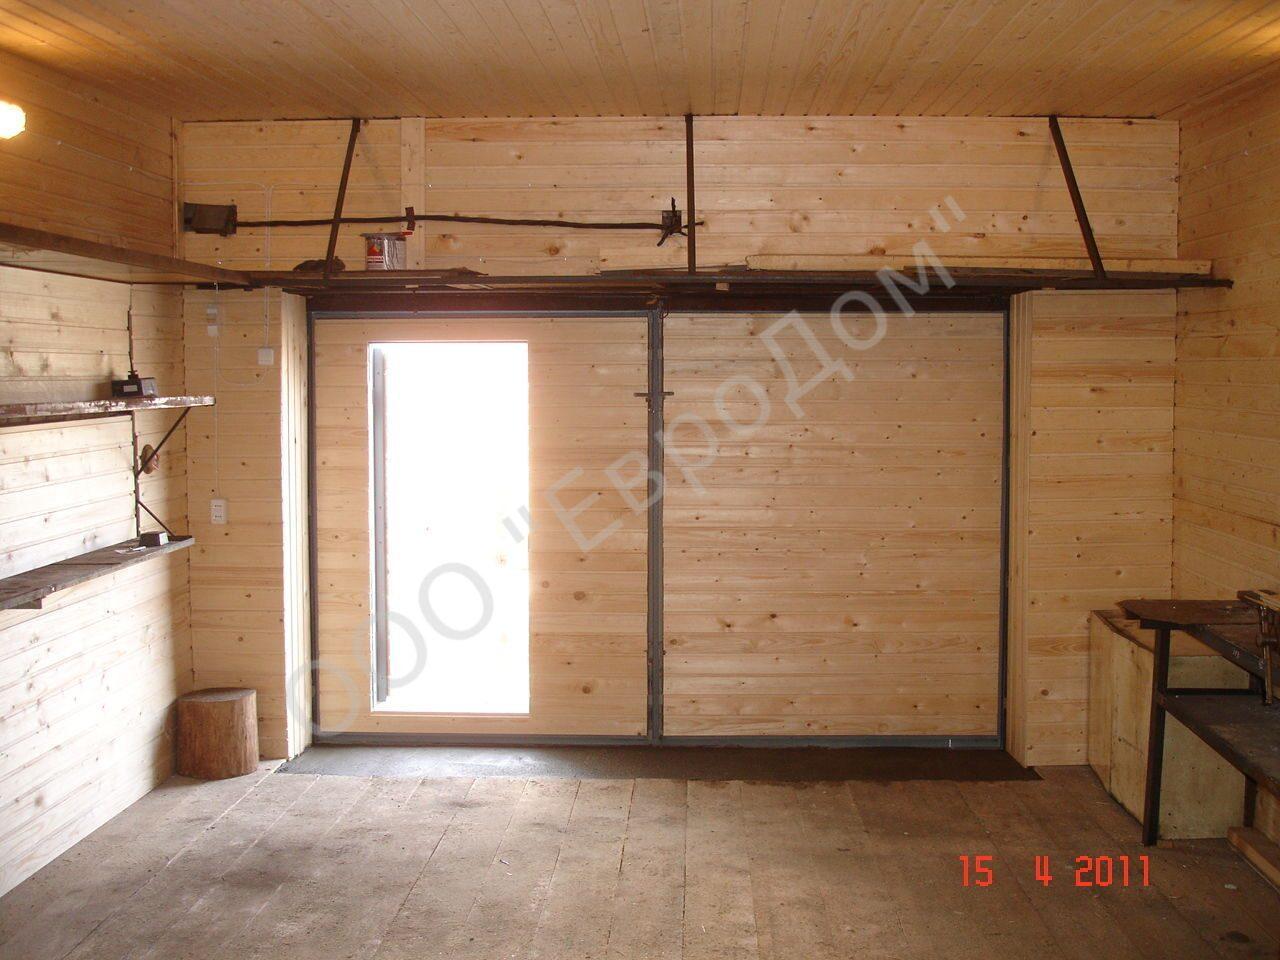 Как оборудуется баня в гараже своими руками sdelai garazh 72